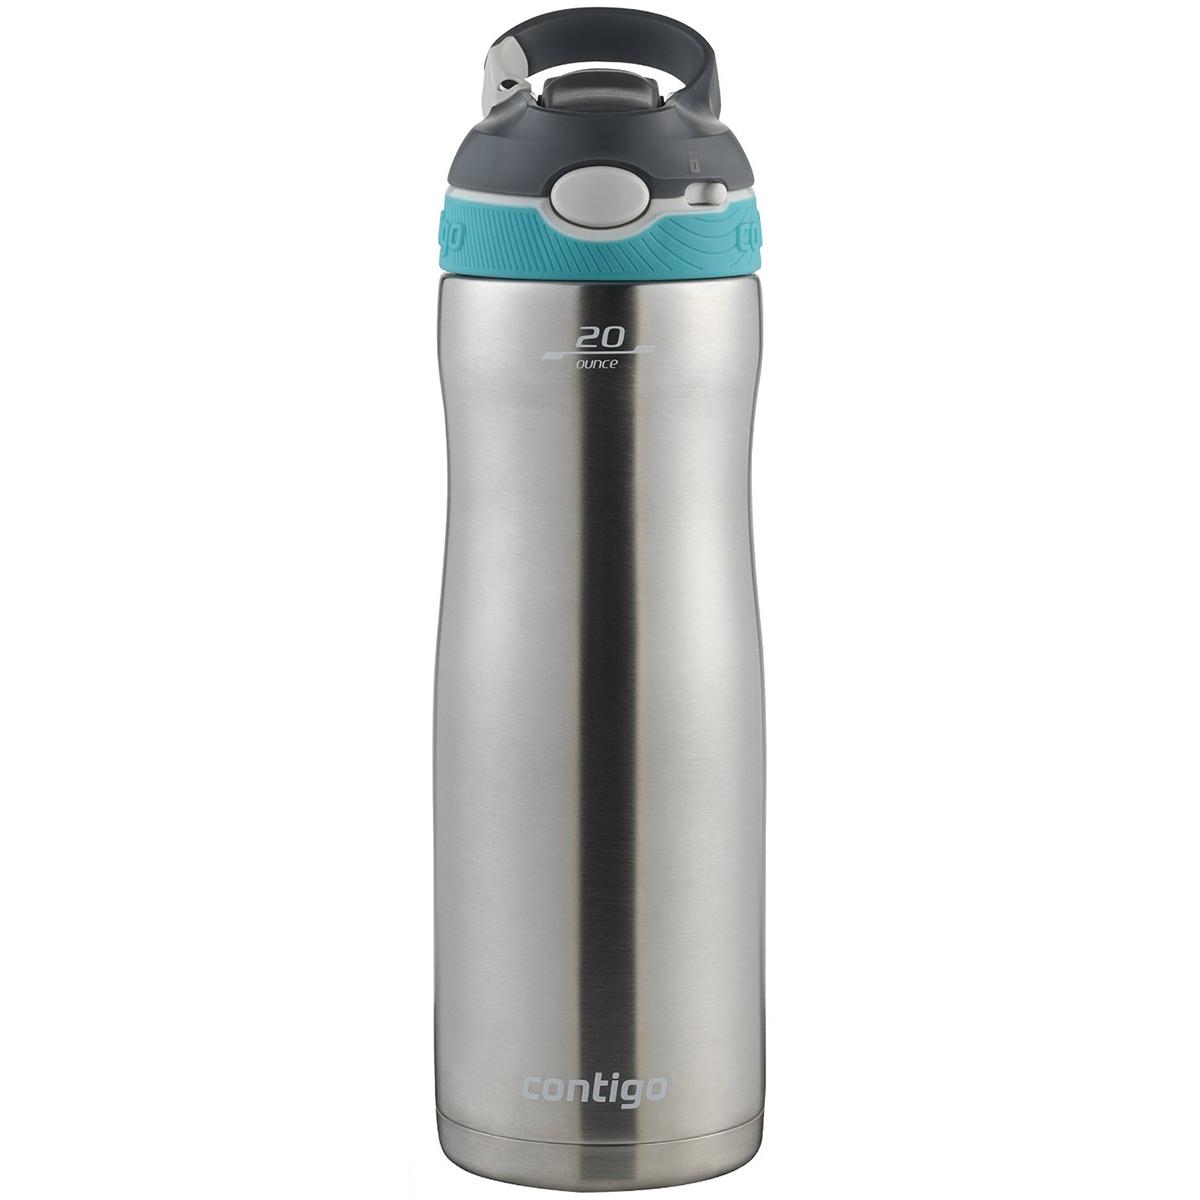 Contigo-20-oz-Ashland-Chill-Autospout-Stainless-Steel-Water-Bottle